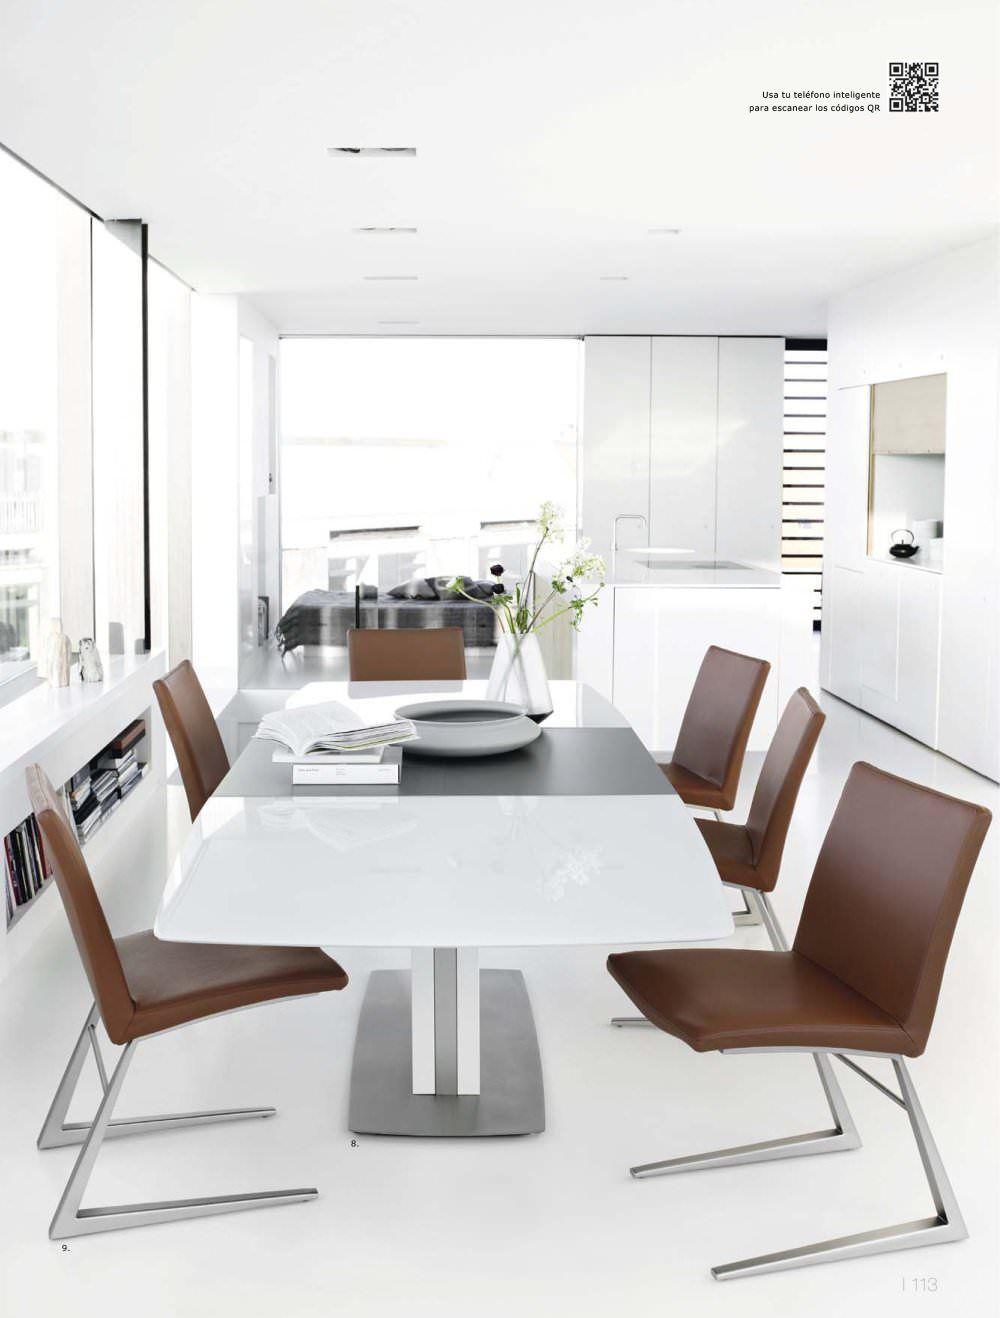 design boconcept collection 2013 boconcept inspiration pinterest comedores. Black Bedroom Furniture Sets. Home Design Ideas